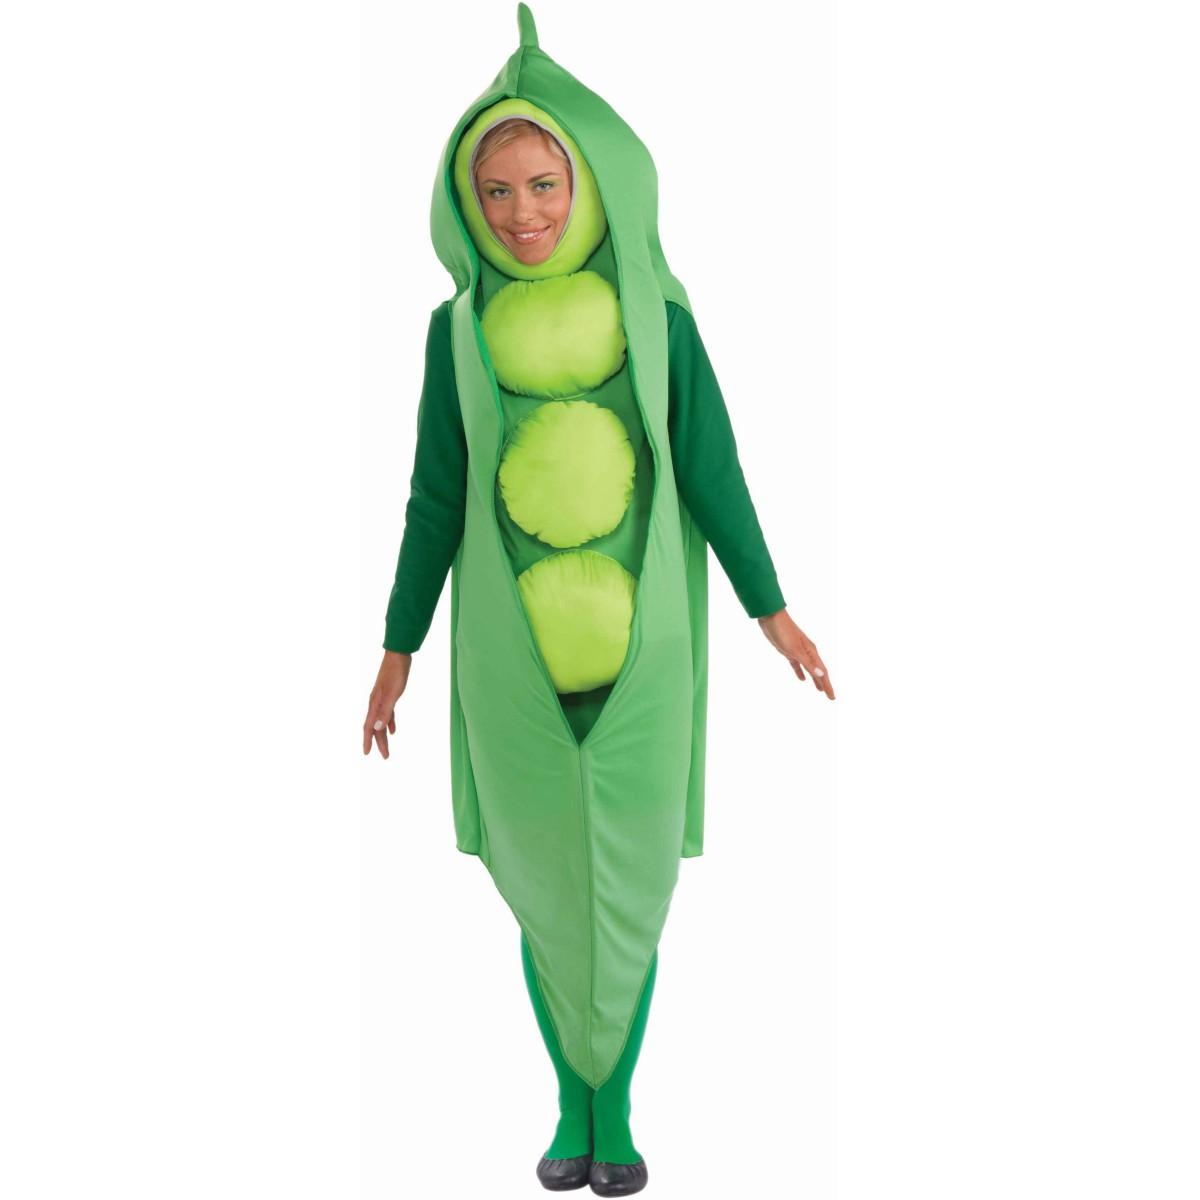 さやえんどう 枝豆 コスプレ 衣装 コスチューム 着ぐるみ 食べ物 野菜 おもしろいコスチューム 大人用 男女兼用